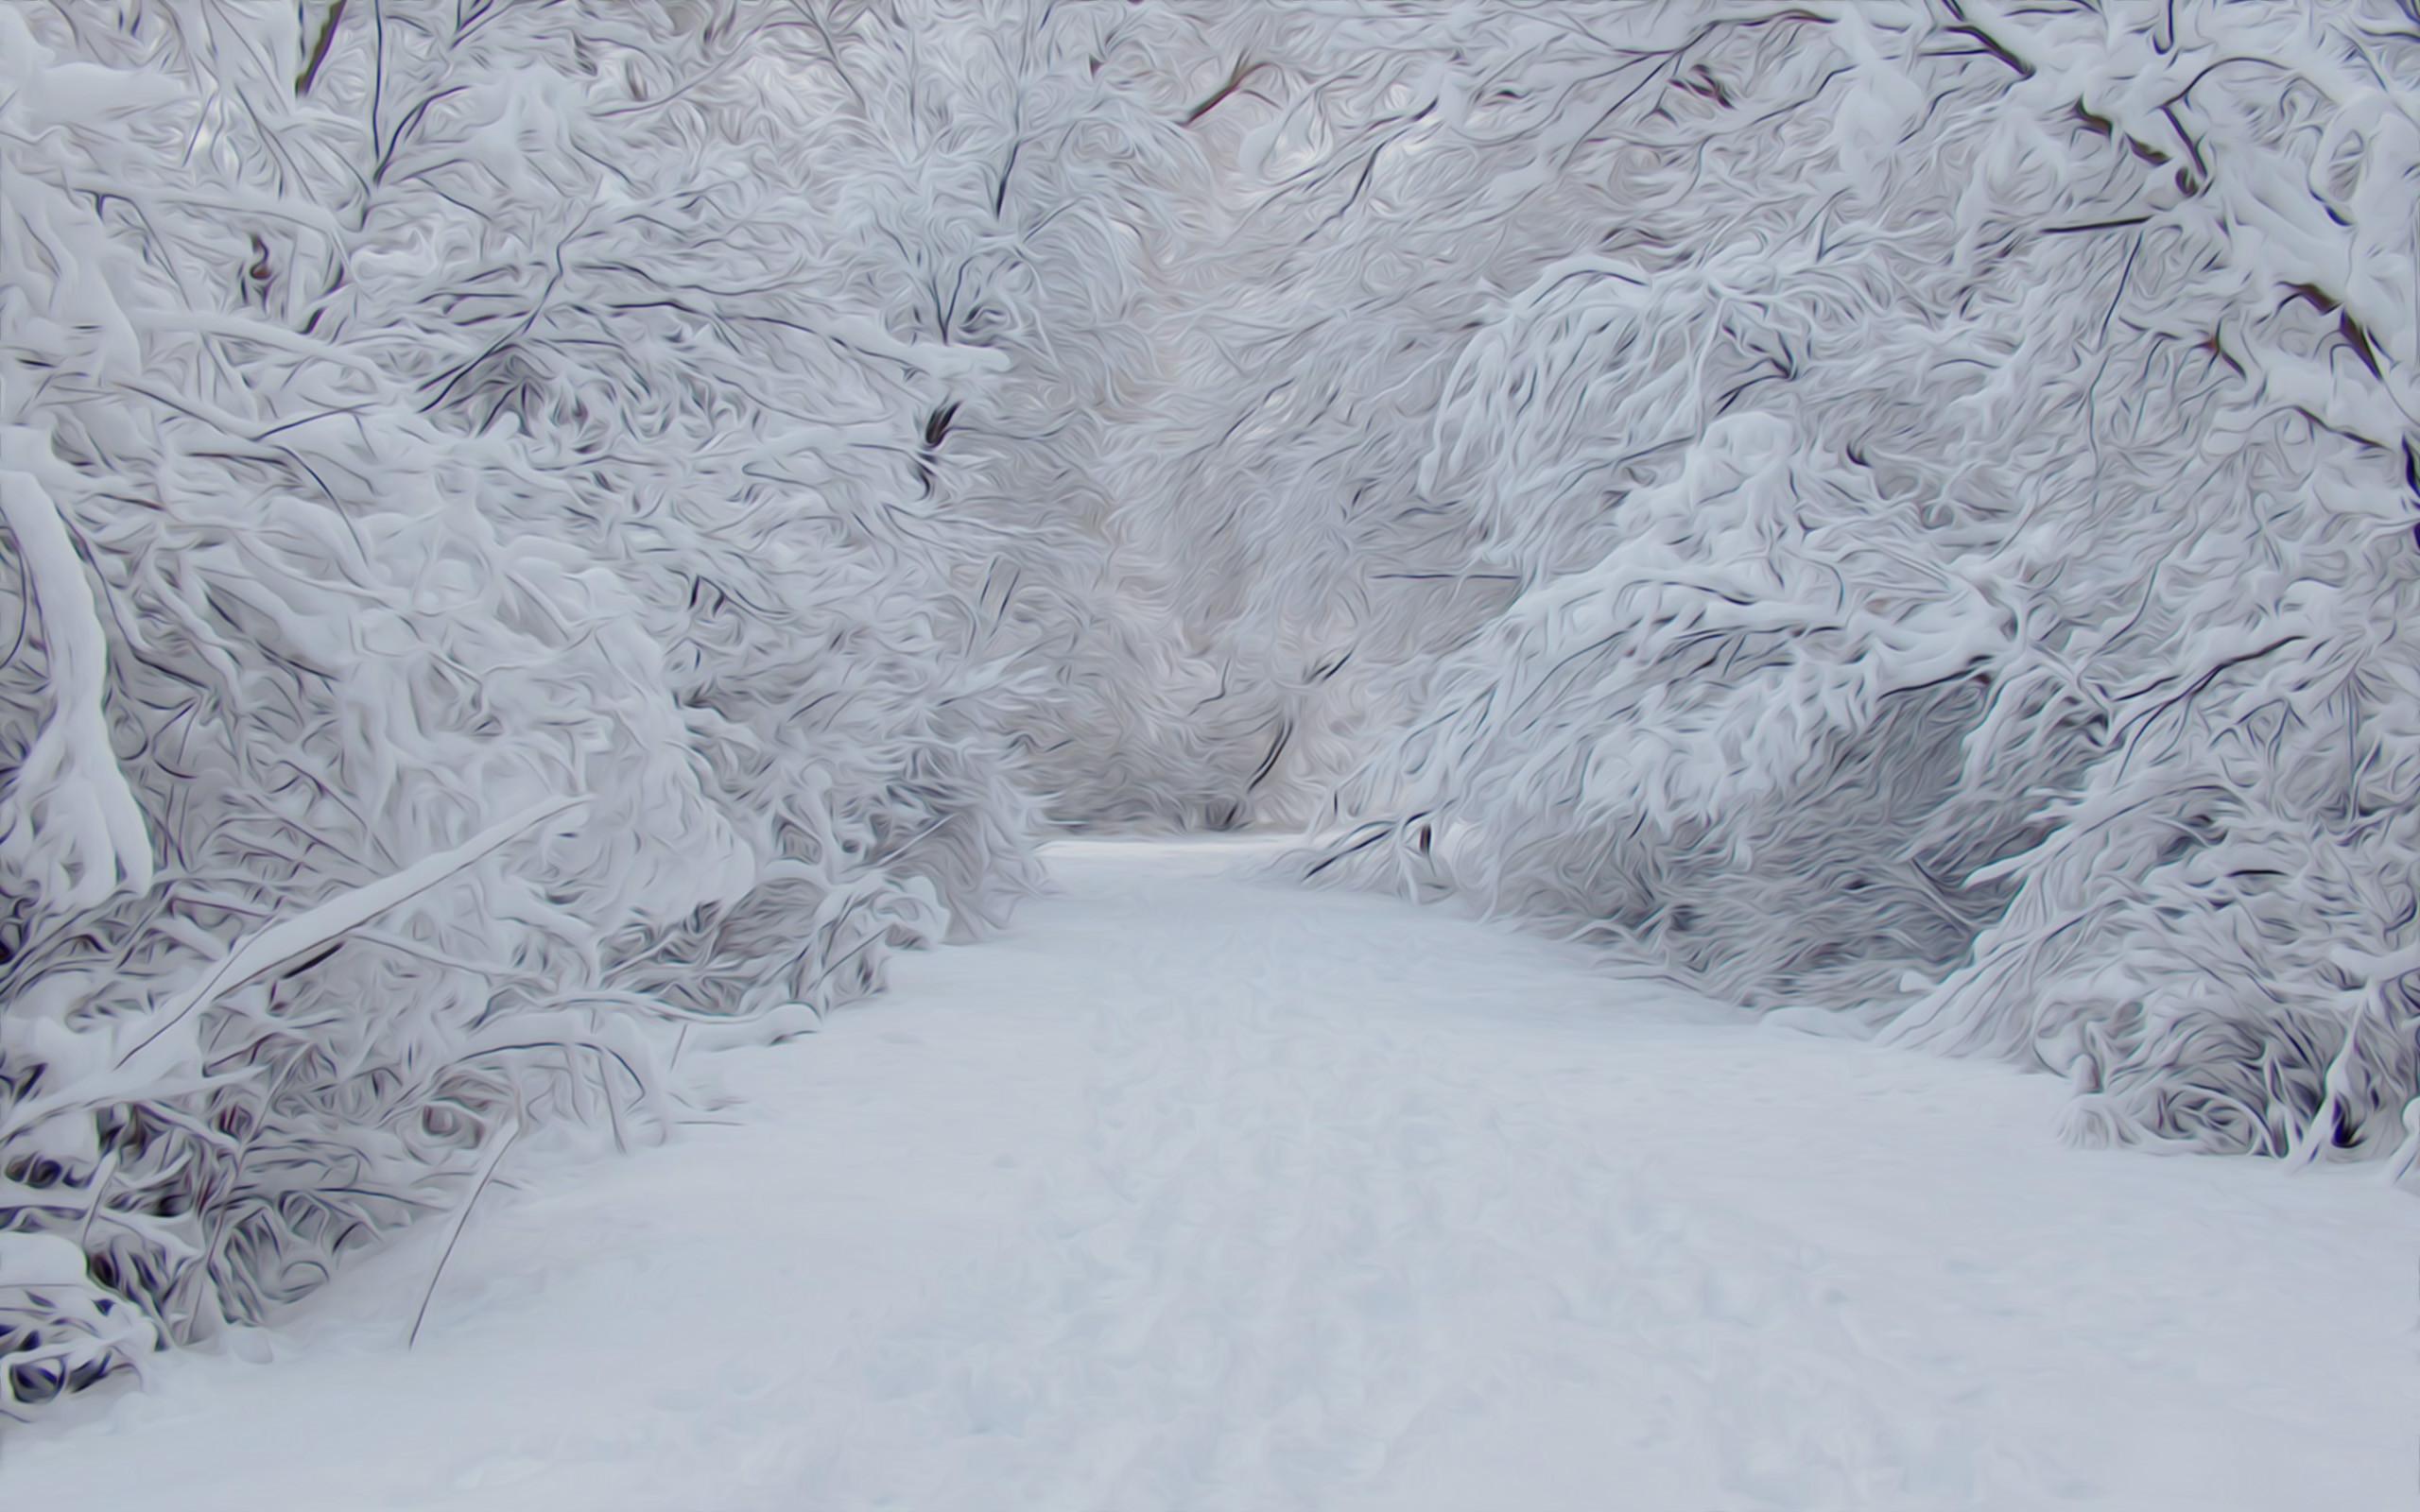 Winter Scenes Desktop Backgrounds   Wallpapers9